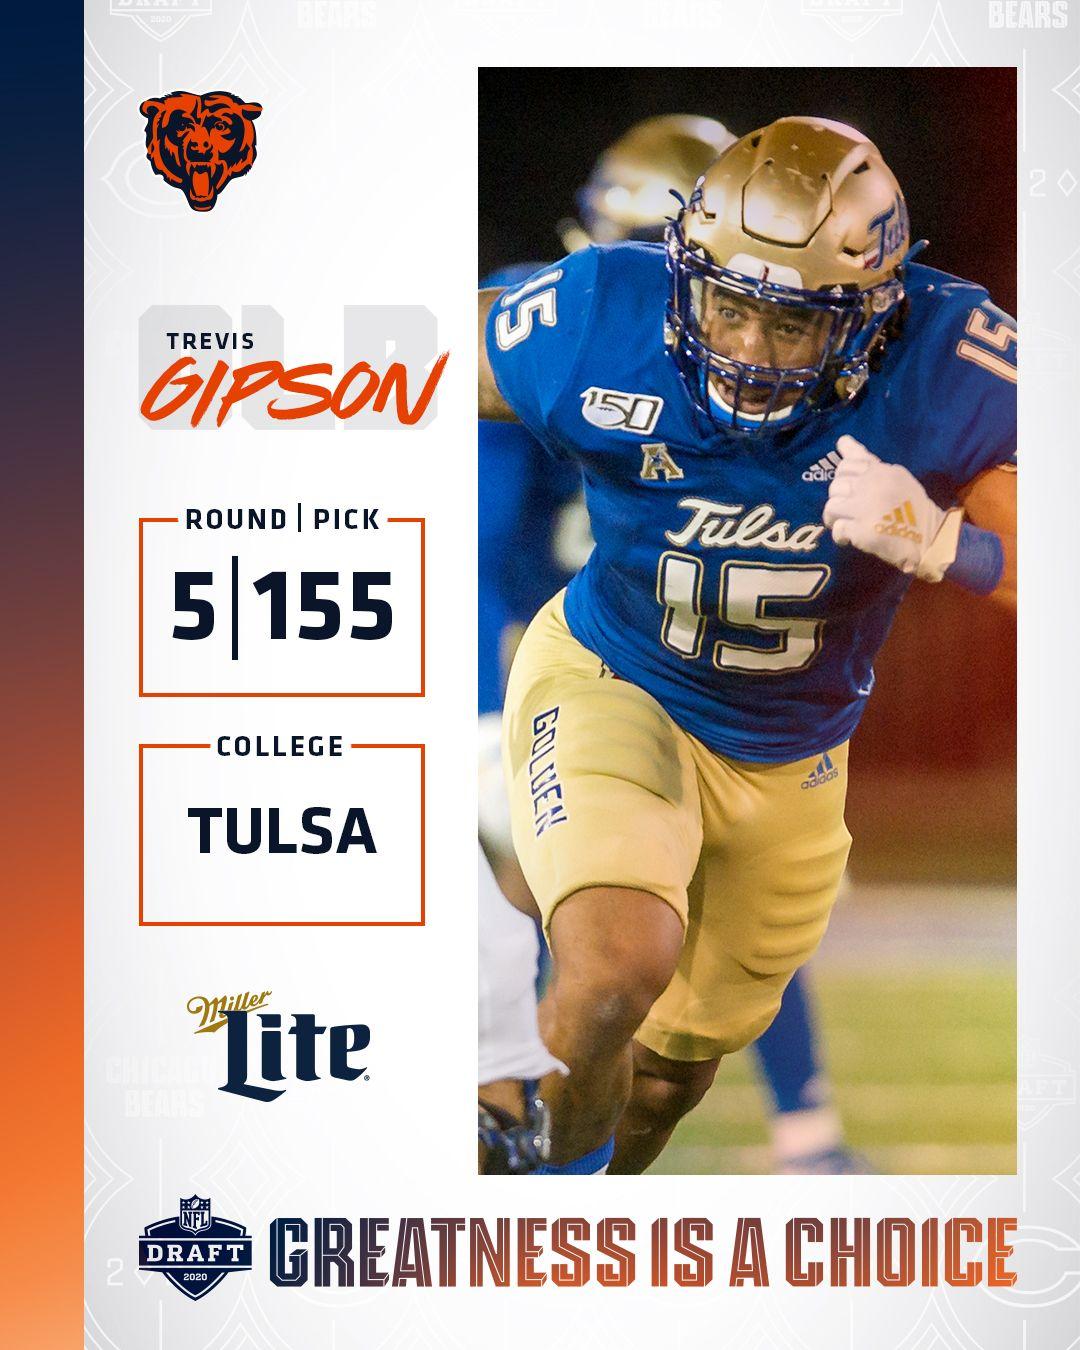 Gipson_Draft_Bears_1080x1350